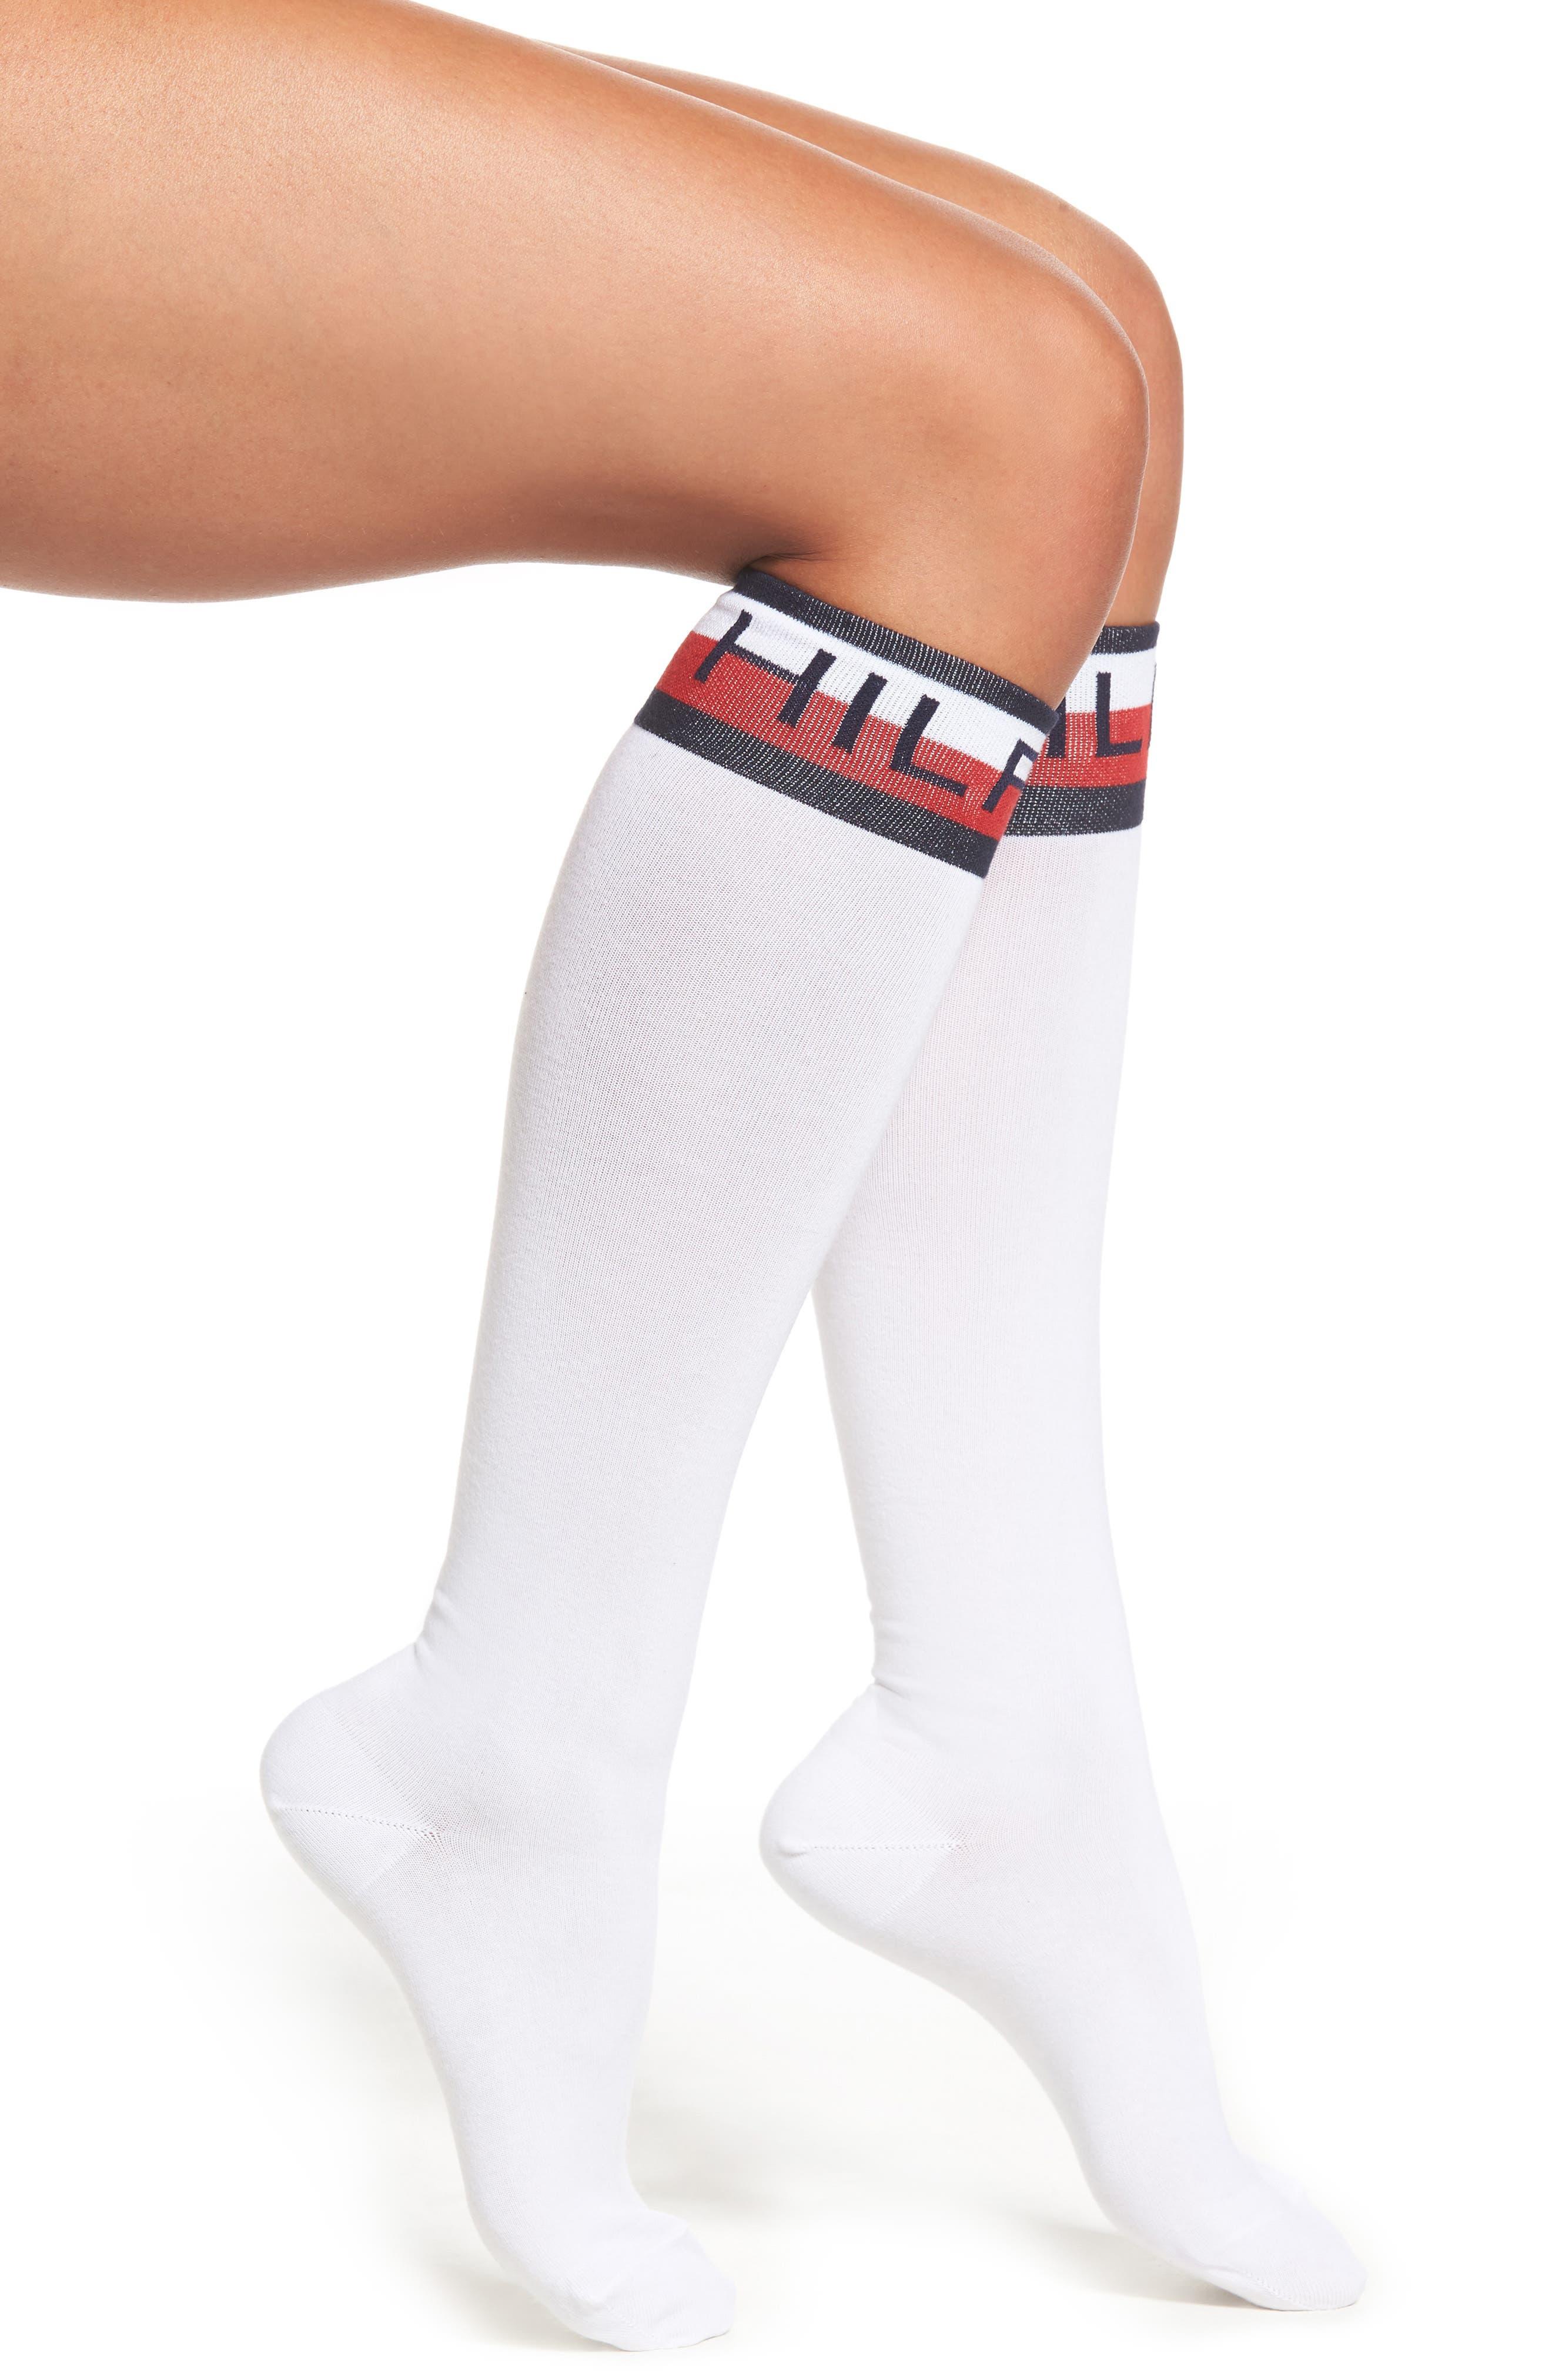 Tommy Hilfiger Logo Knee High Socks